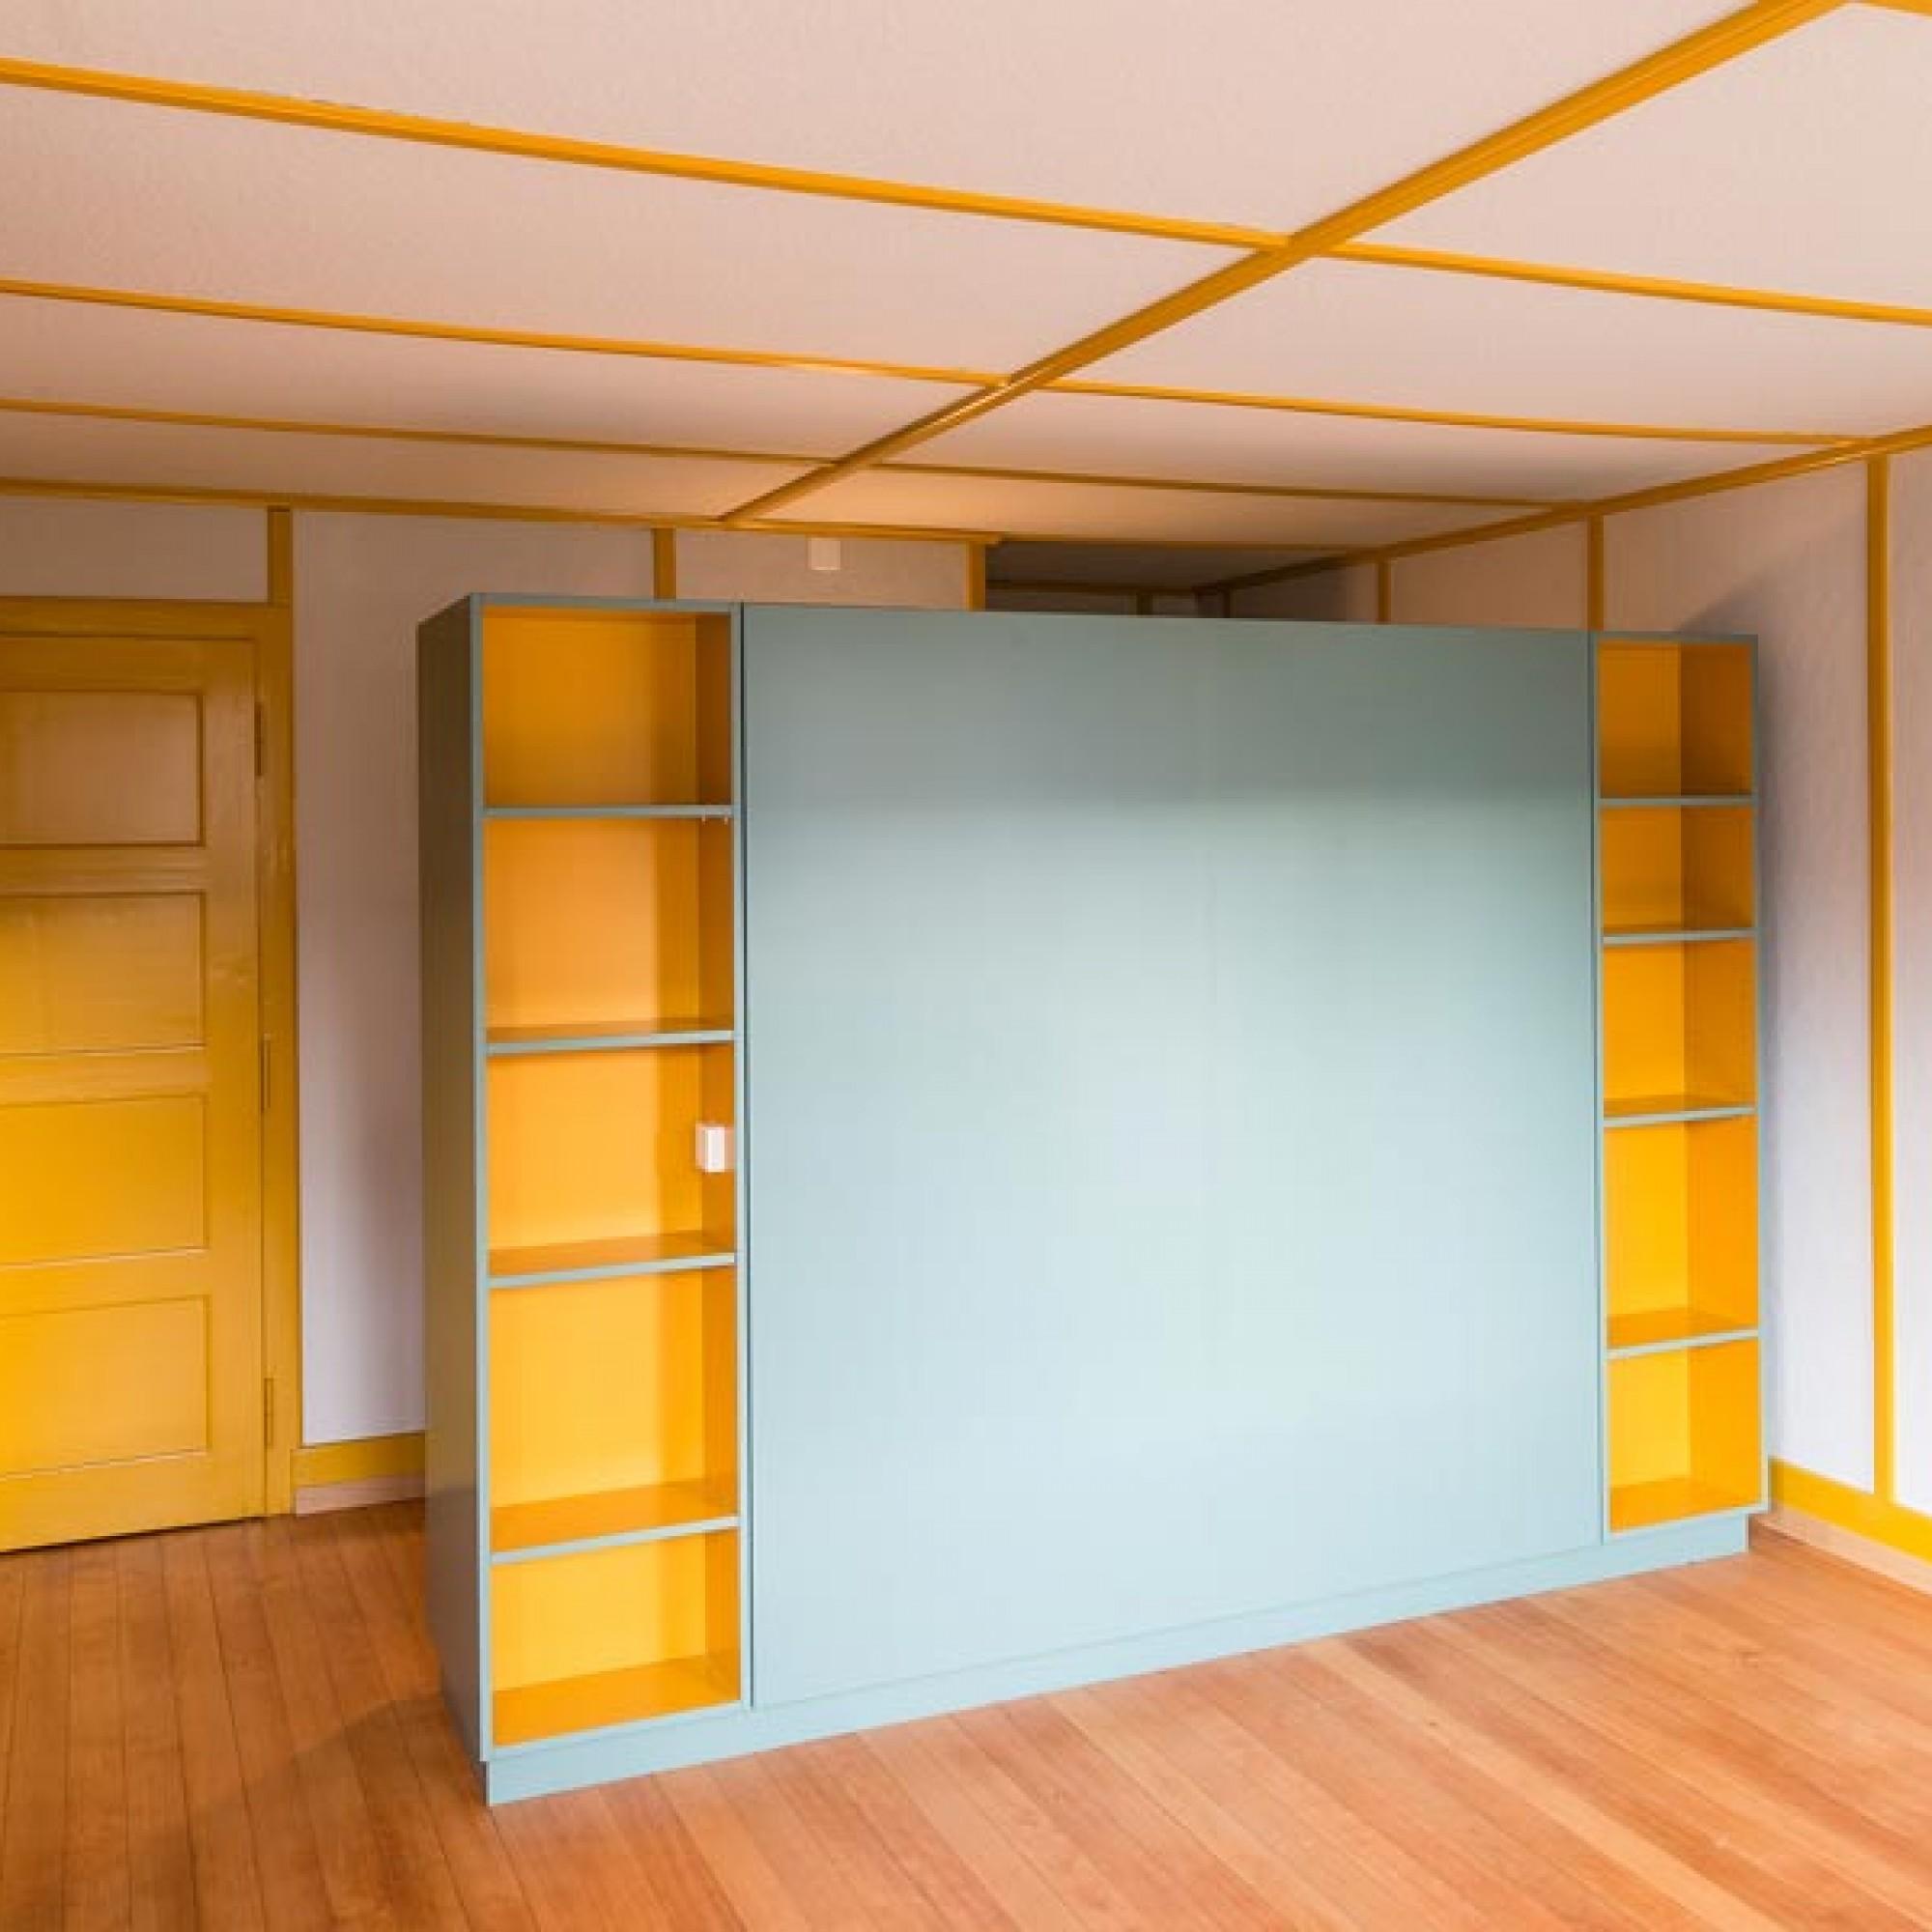 Der Raum im Obergeschoss wurde in Anlehnung an den originalen Zustand umgestaltet, die ursprünglich unbehandelte Pavatexverkleidung gestrichen. Ein neuer Einbauschrank ist frei in den Raum gestellt.